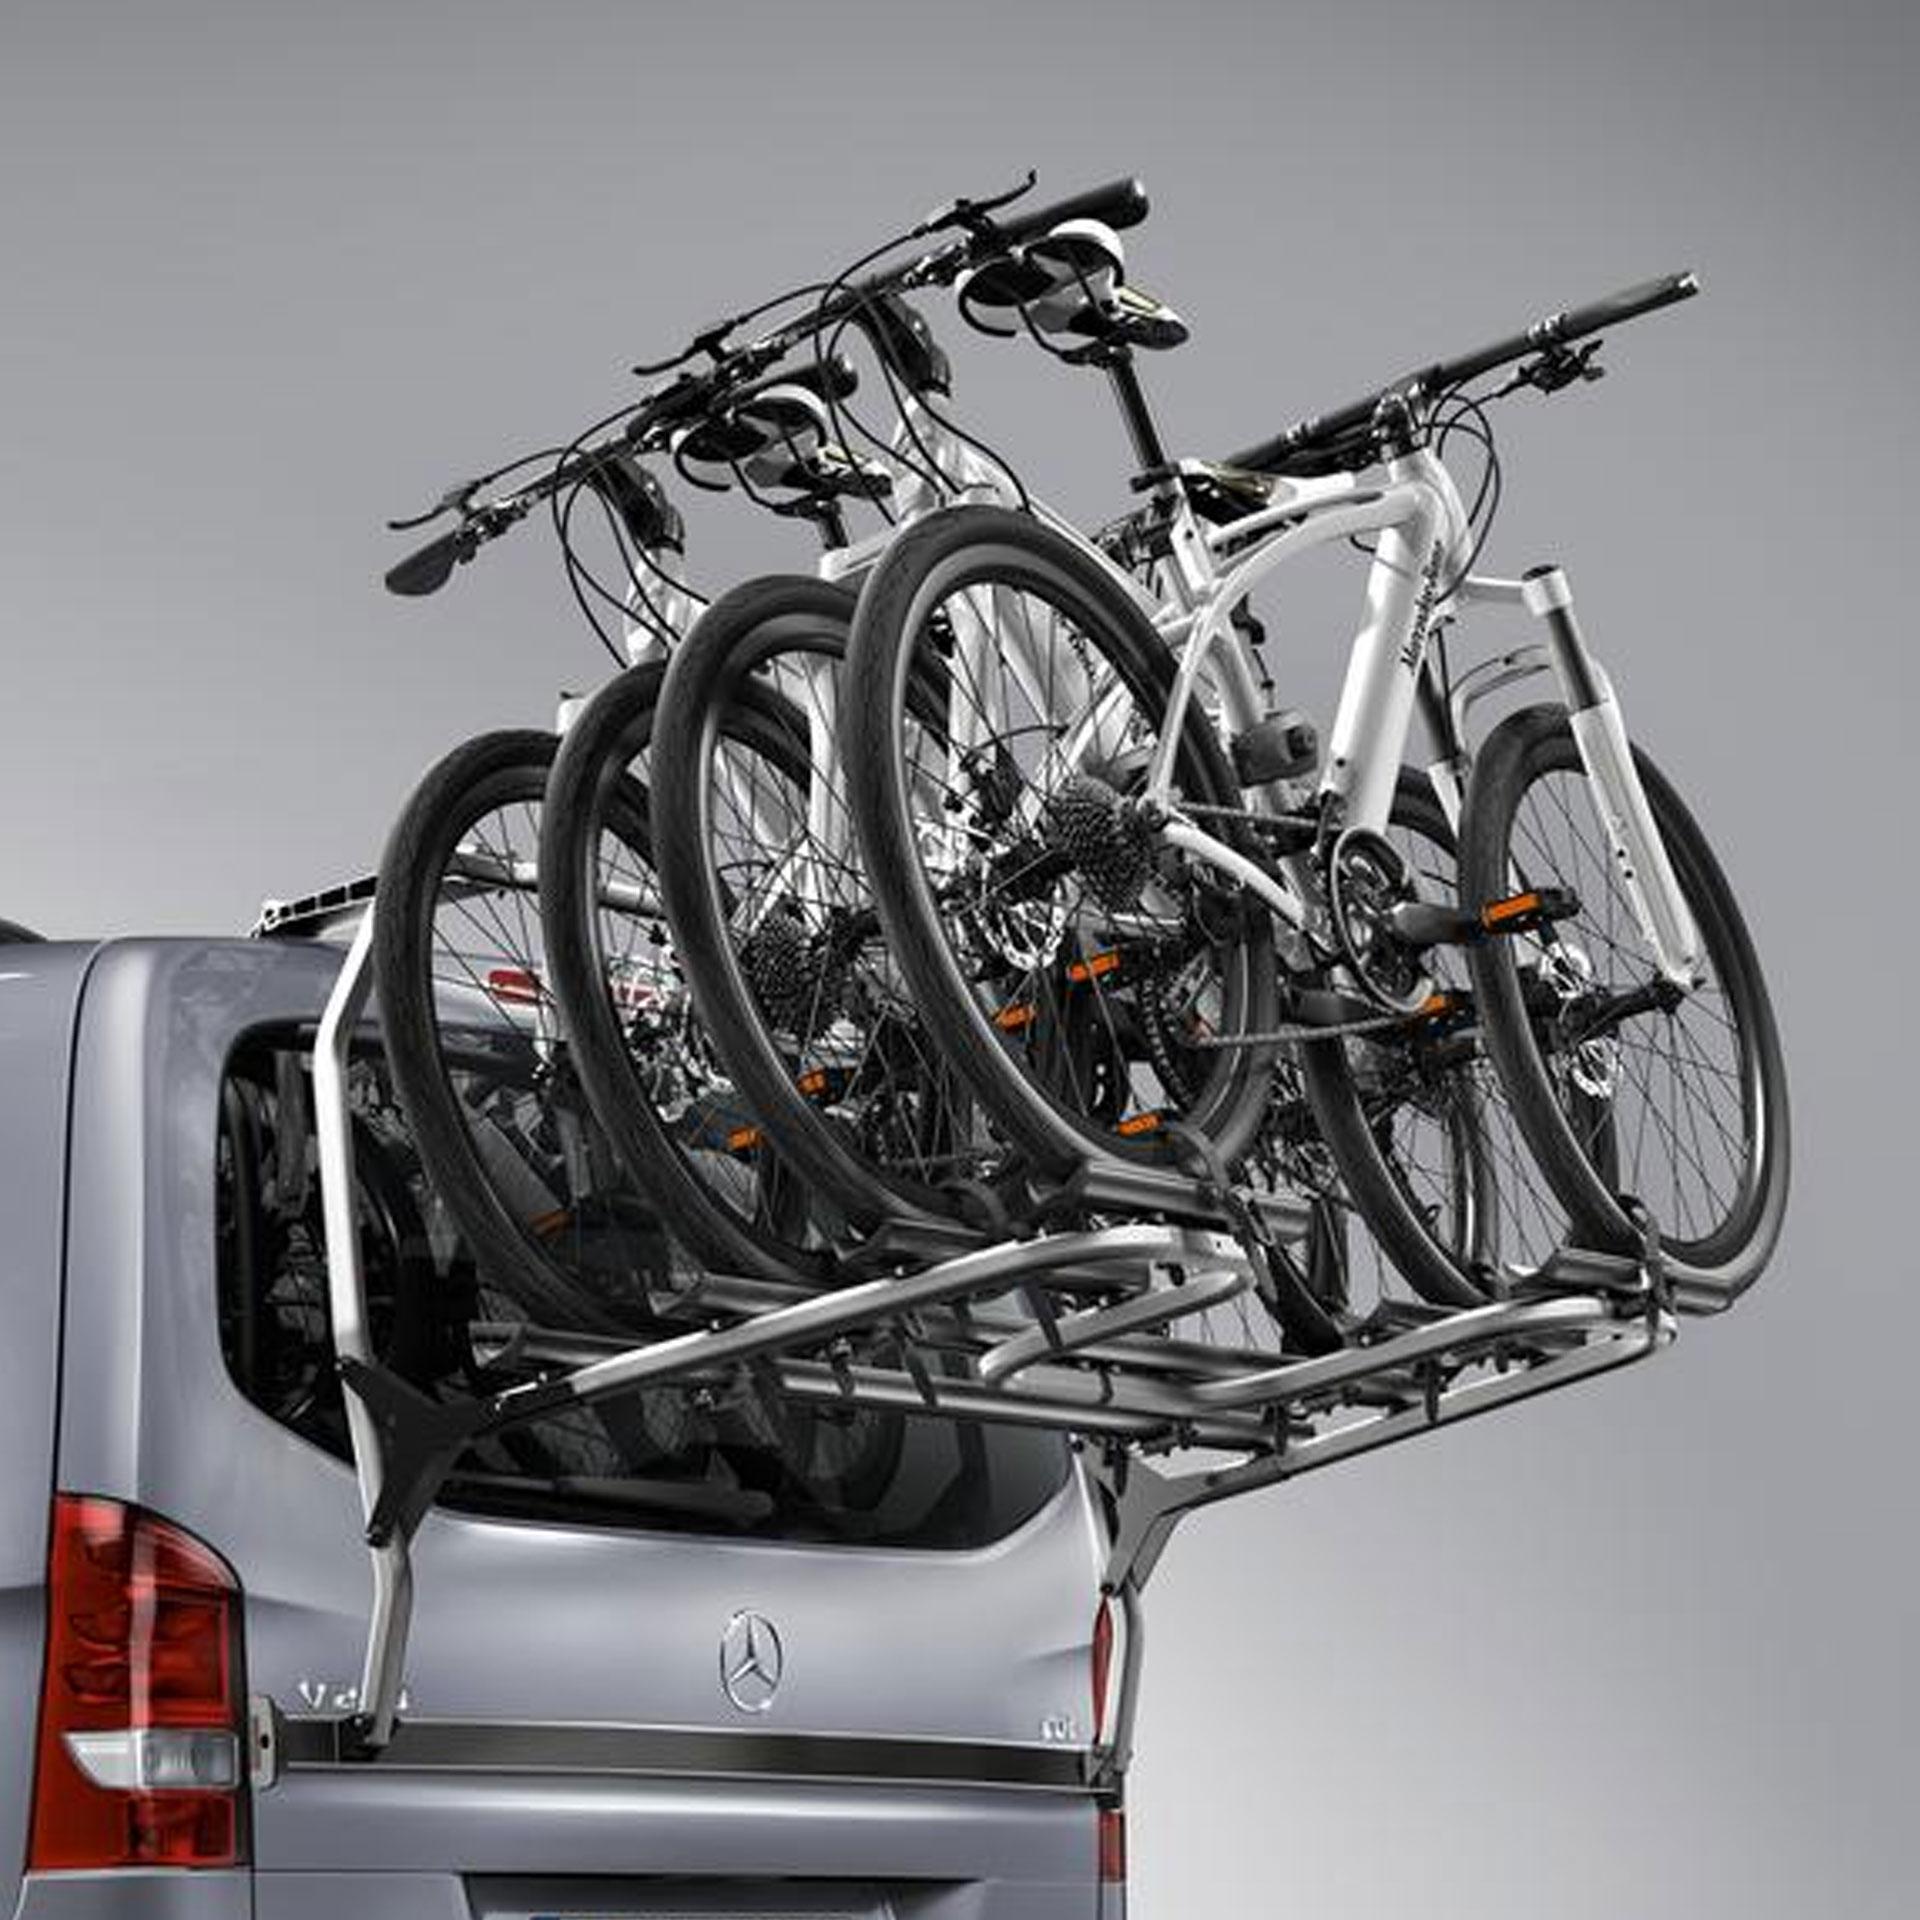 Mercedes-Benz Fahrradträger für Heckklappe 3 Fahrräder